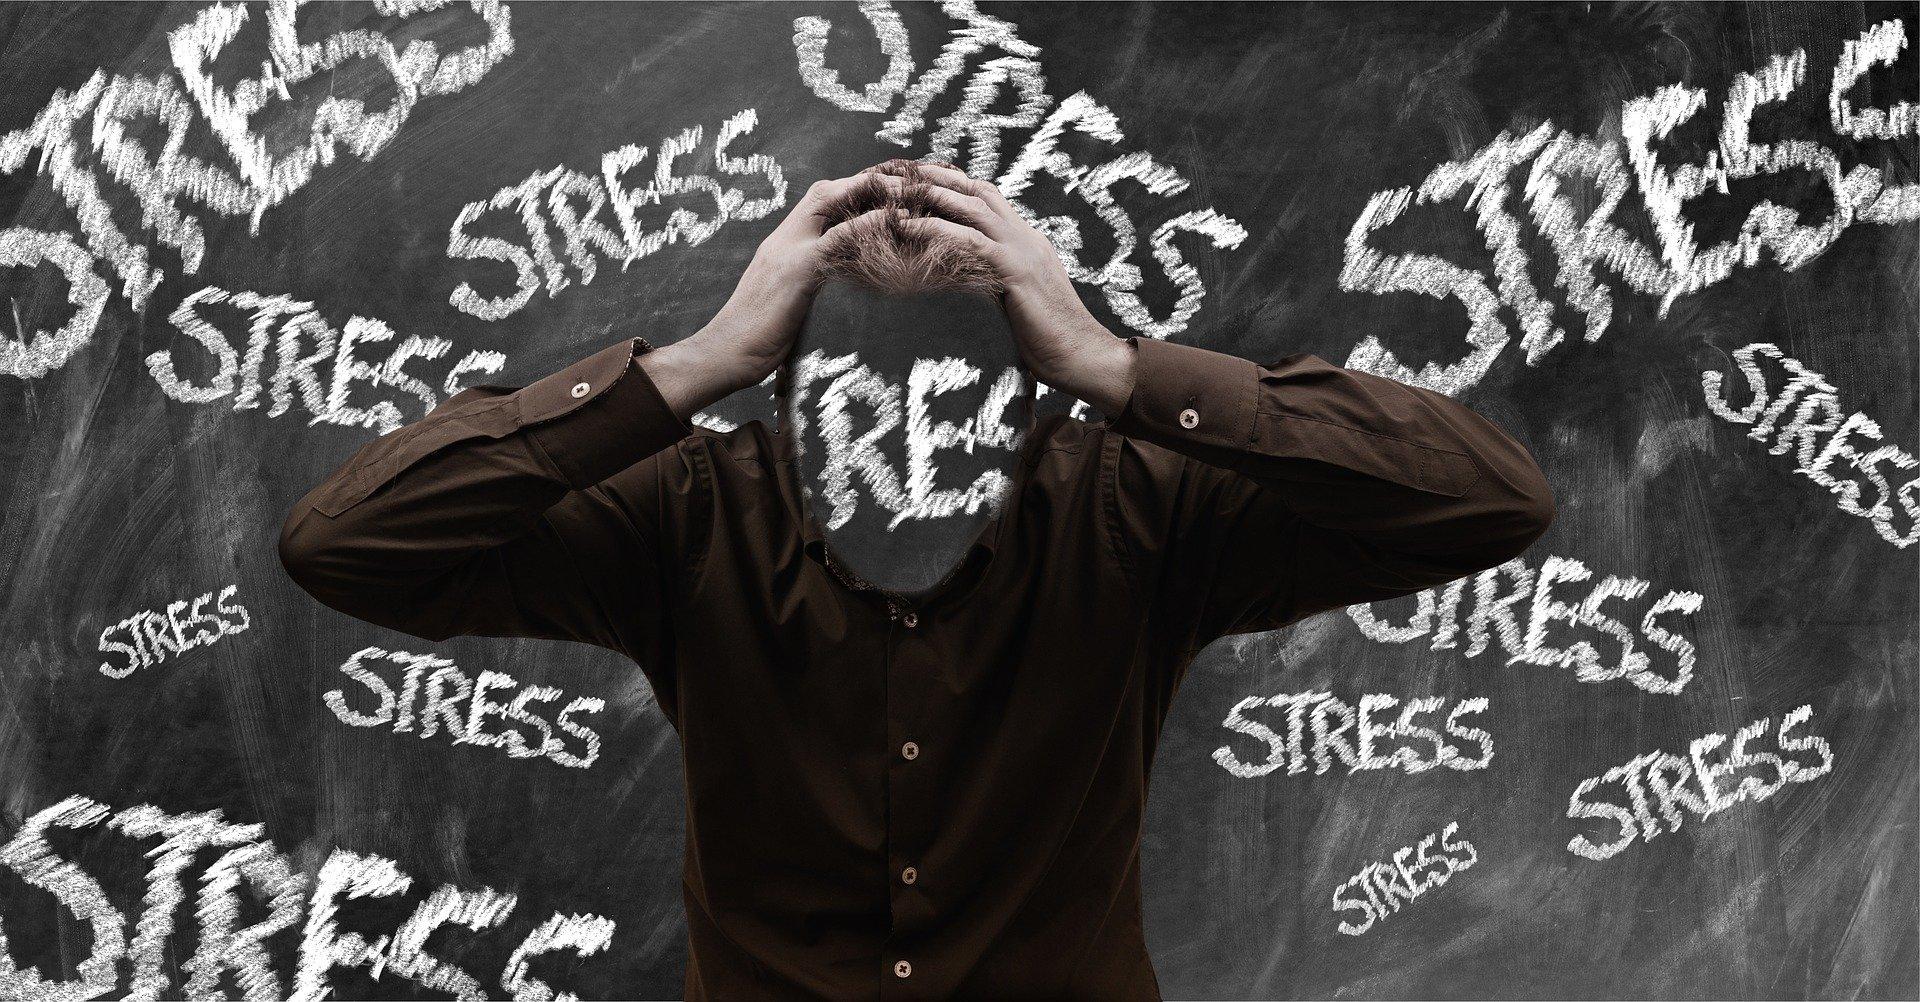 ランニングはストレス解消にも効果的??ストレス解消につながるメカニズムとは?